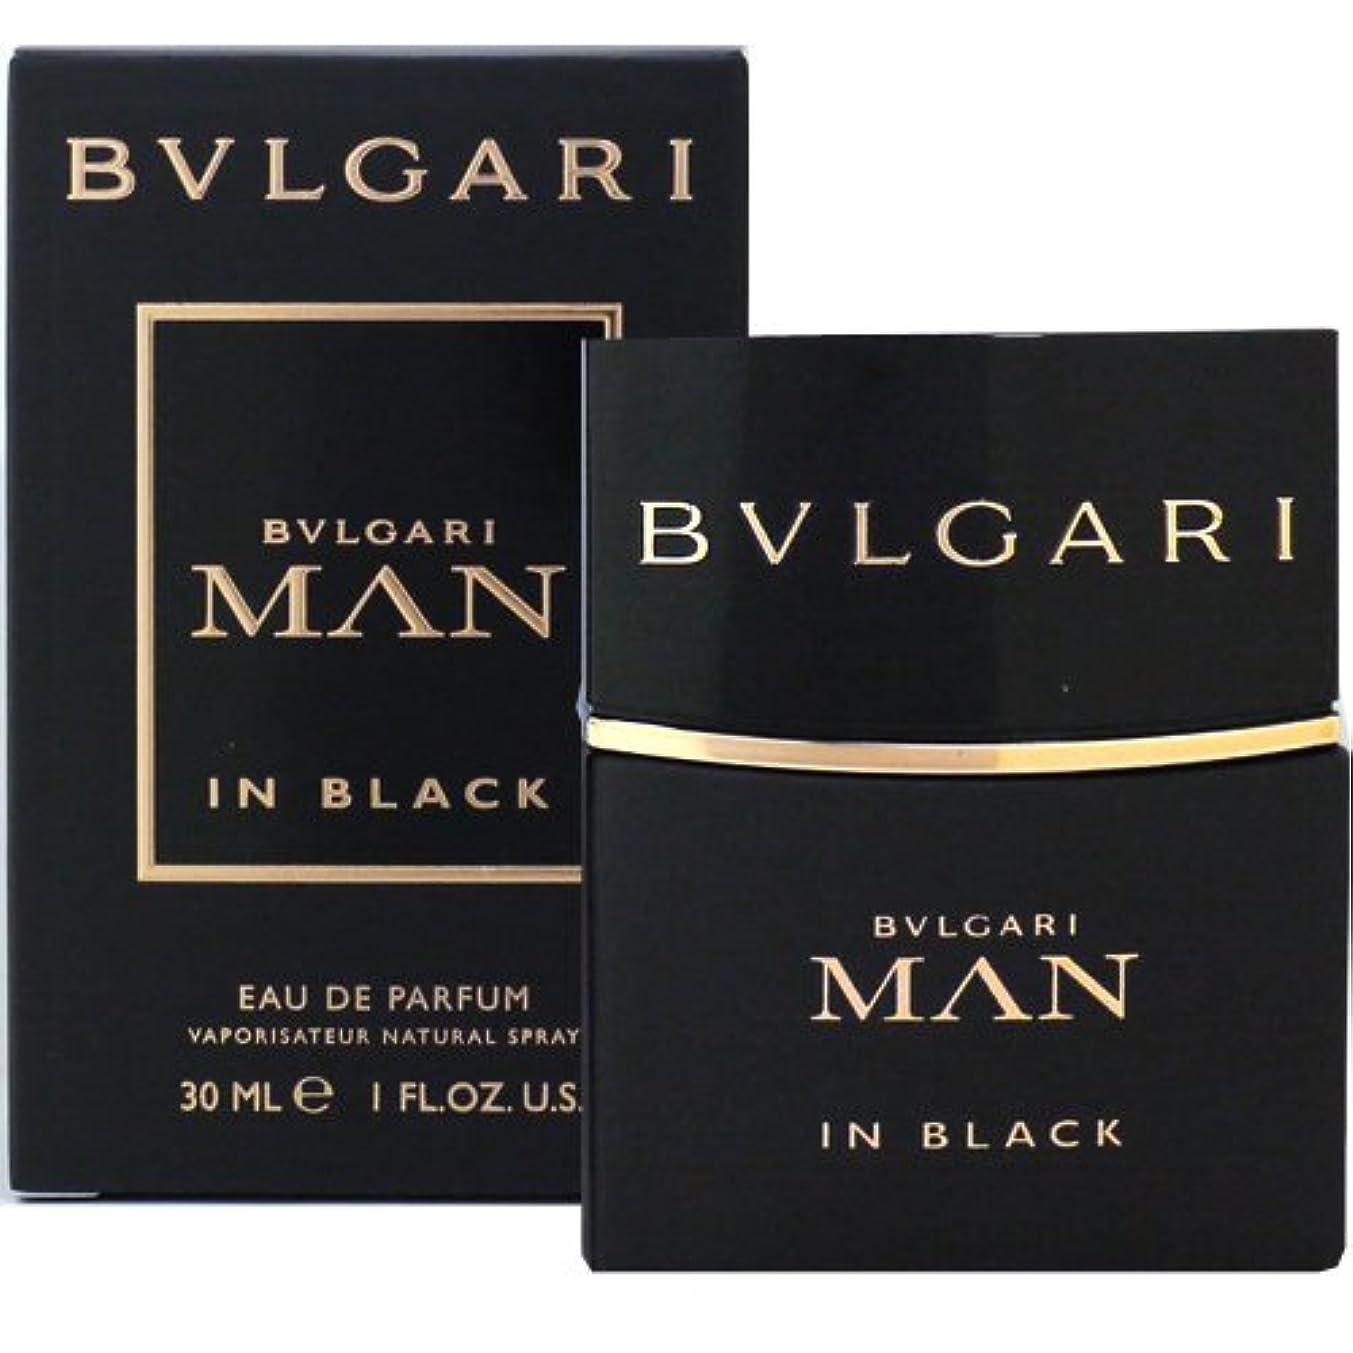 評決飽和するマグブルガリ BVLGARI ブルガリ マン イン ブラック 30ml EDP SP fs